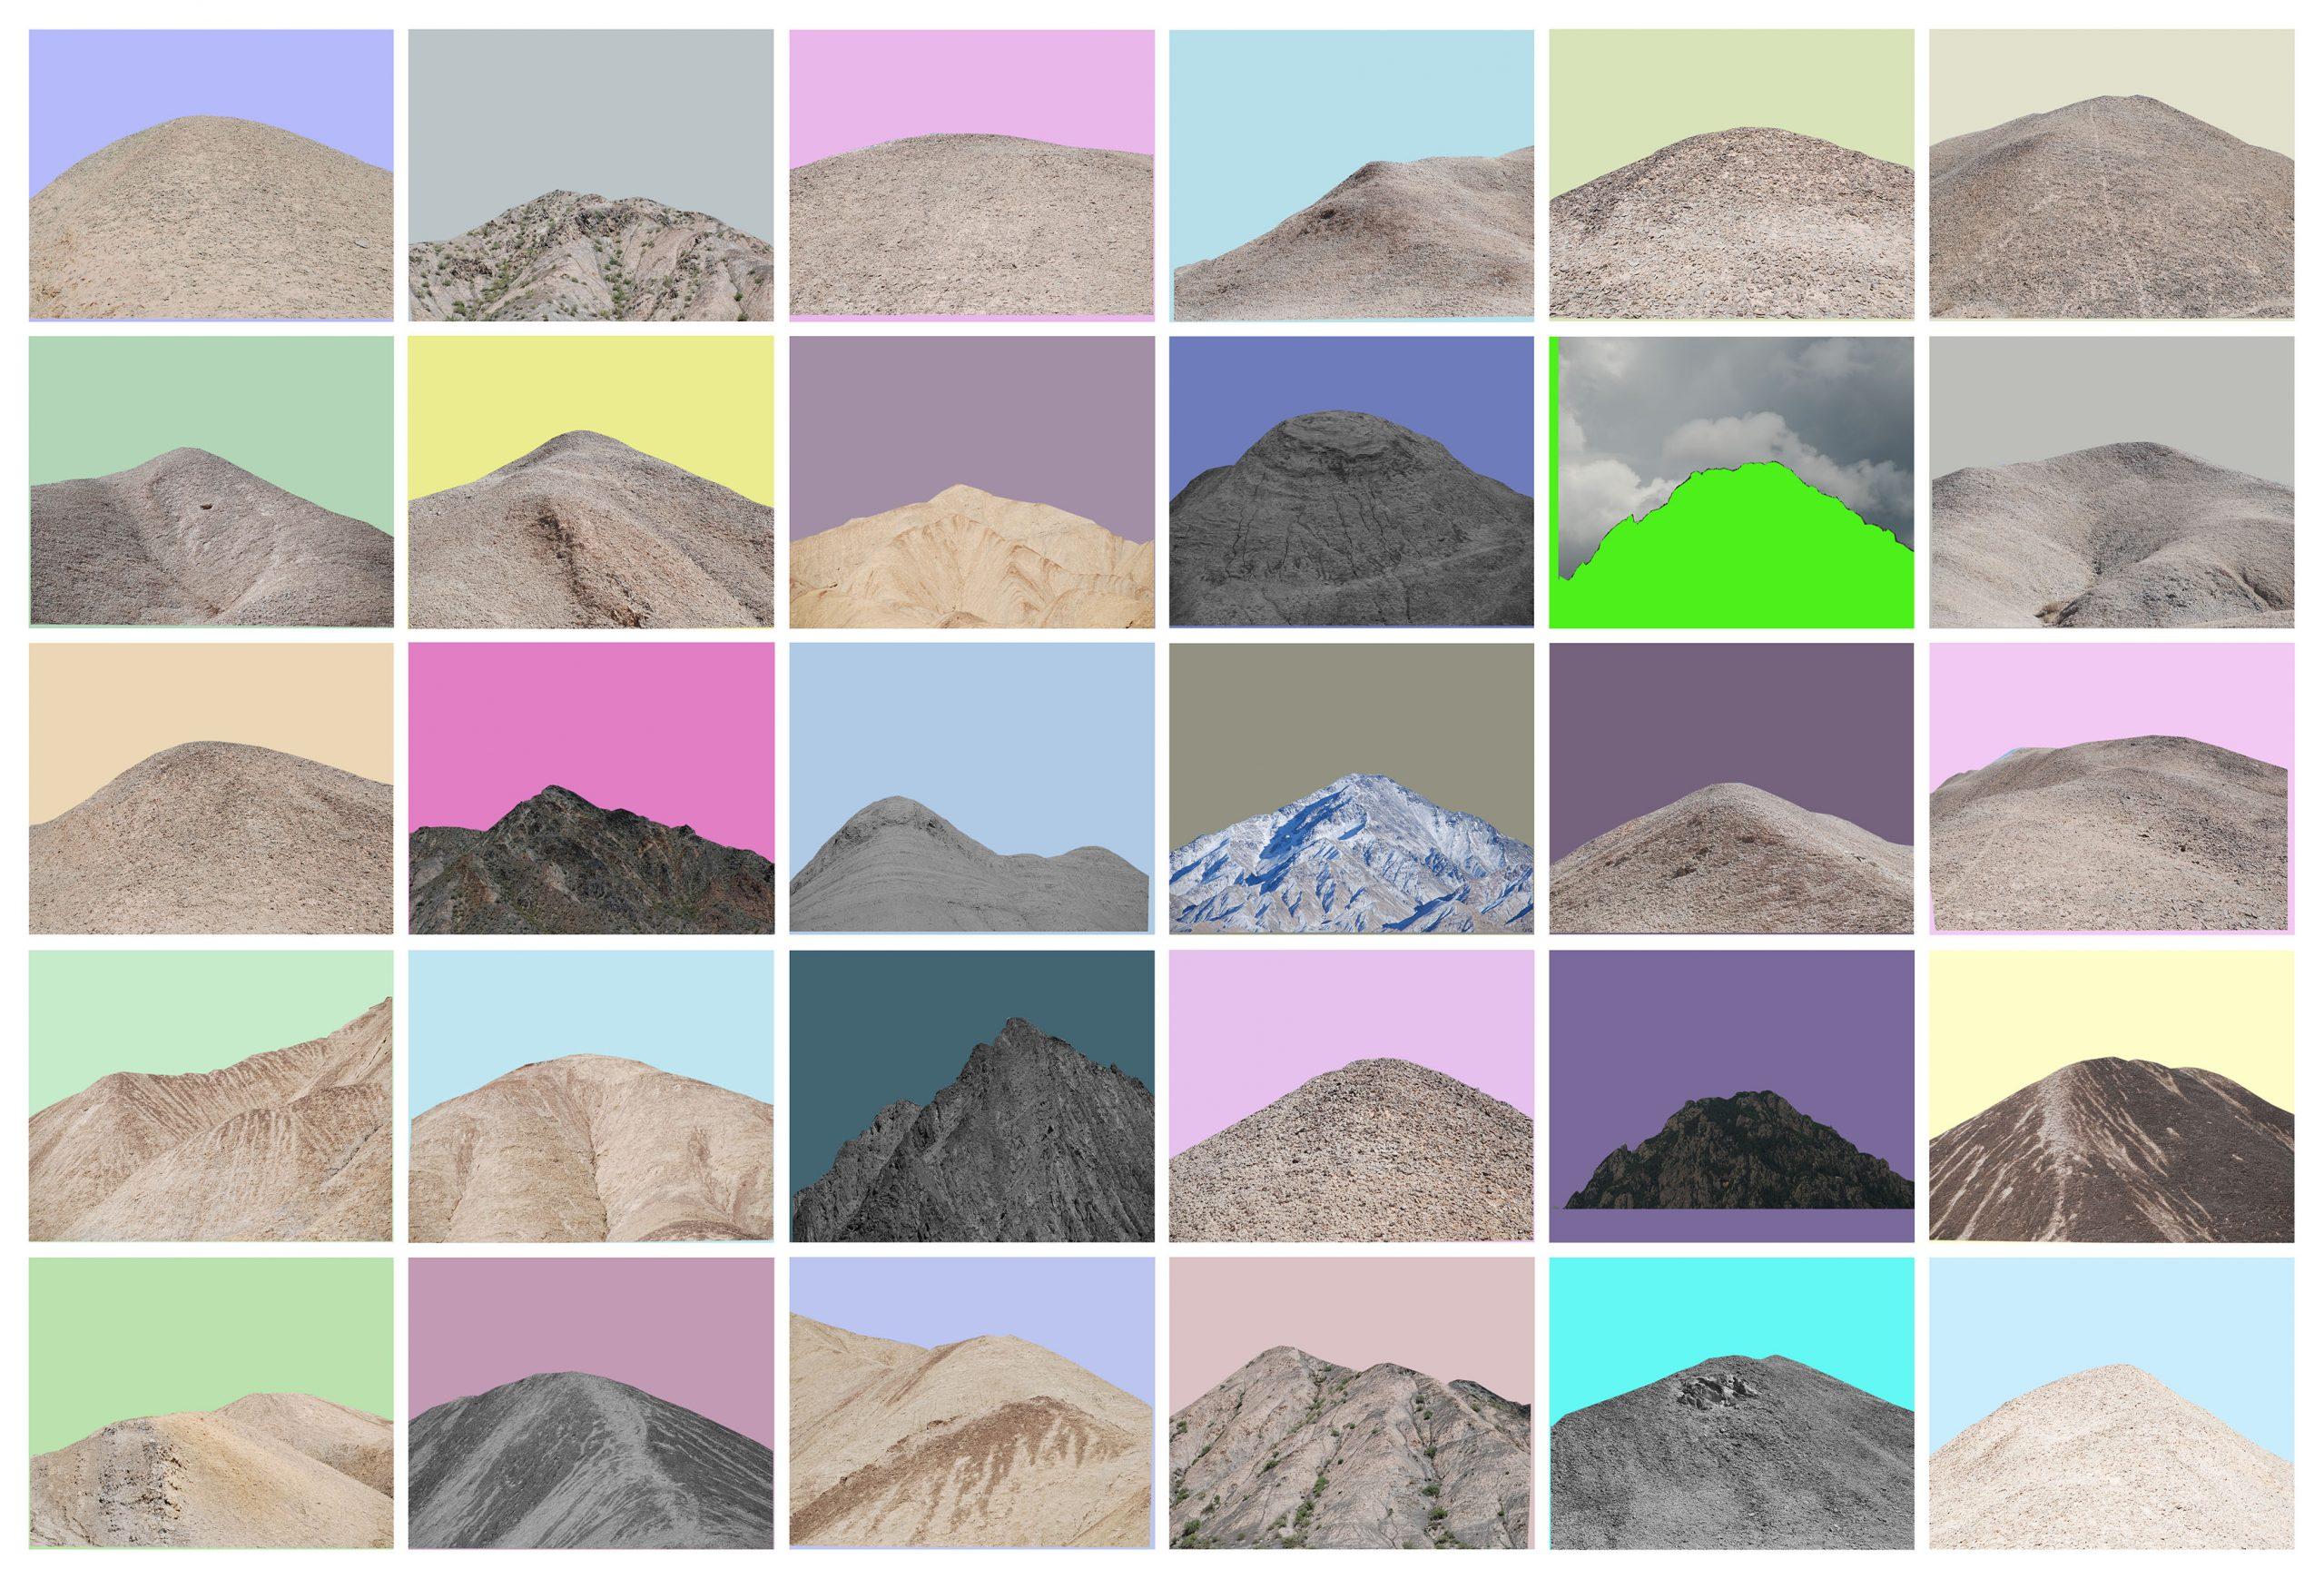 Qilian Range-03, 2011-2016 © Zhuang Hui's/Lianzhou Museum of Photography